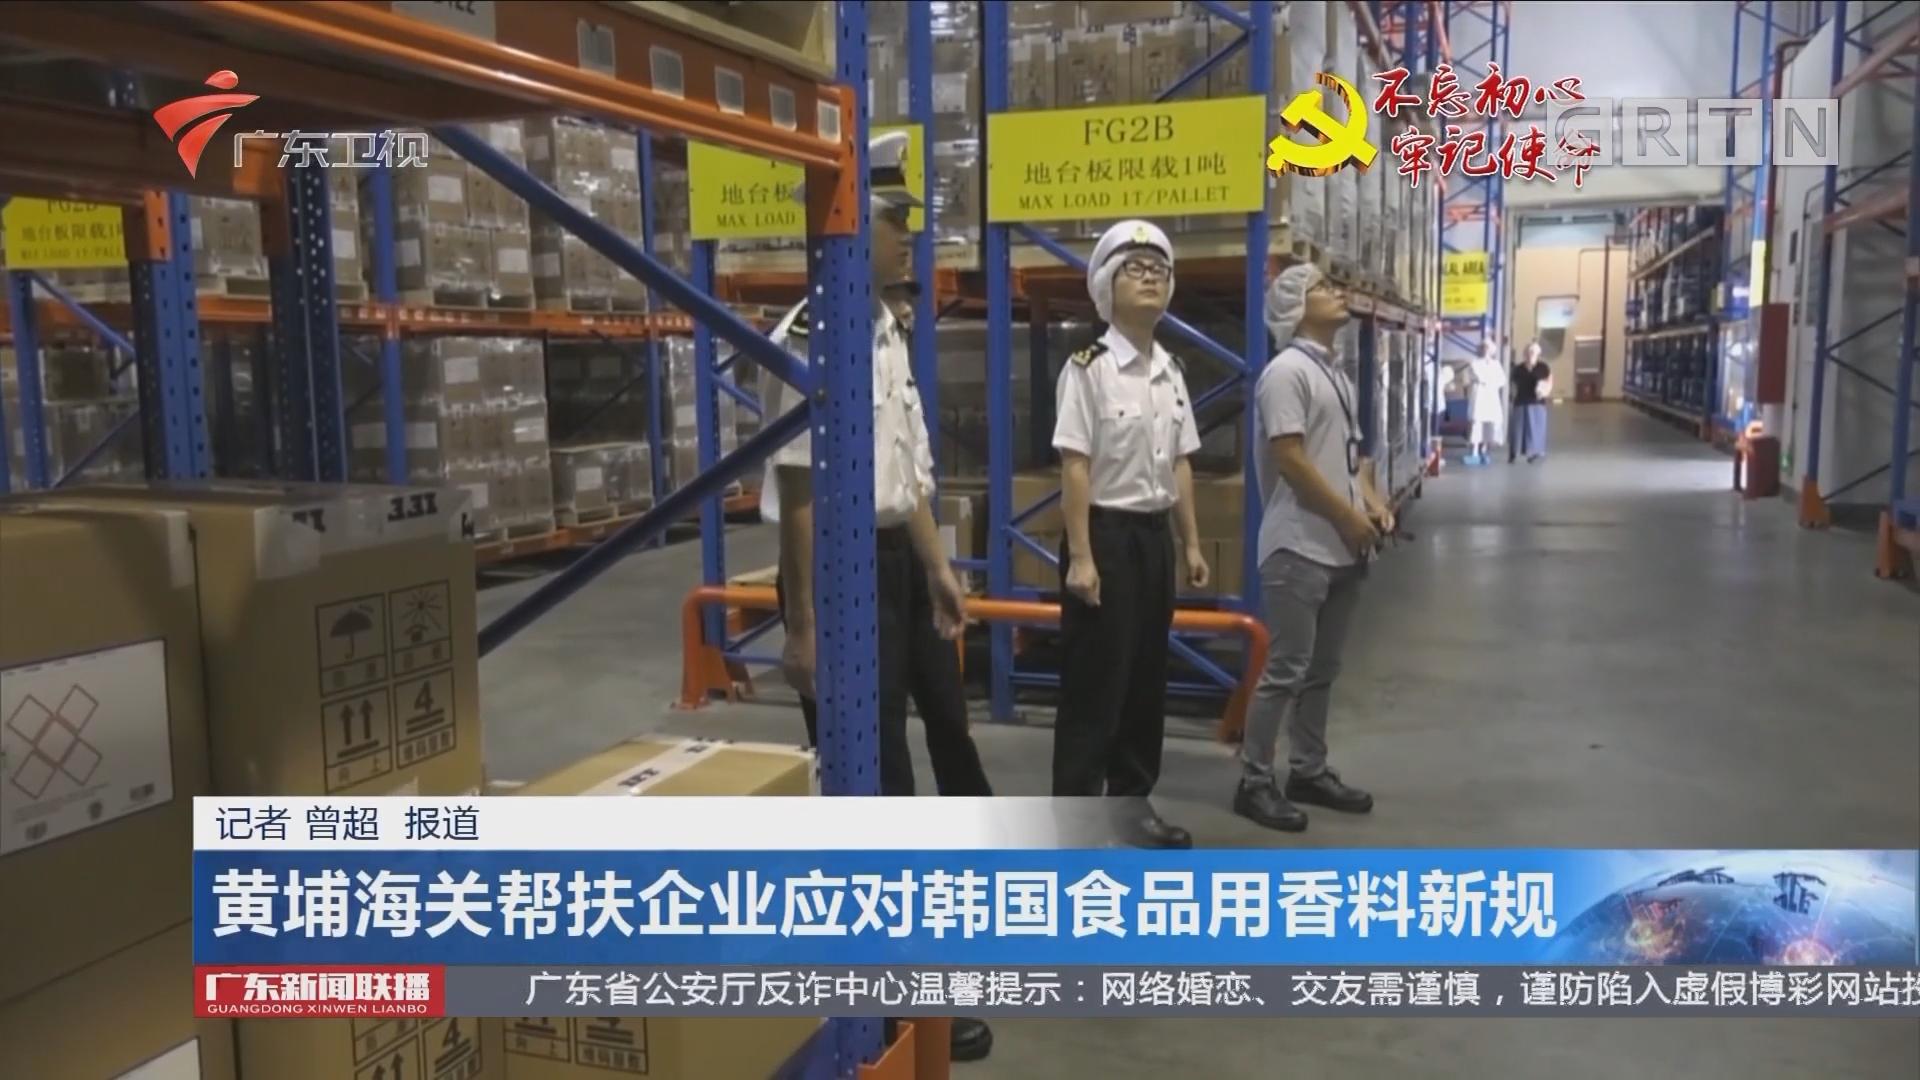 黄埔海关帮扶企业应对韩国食品用香料新规